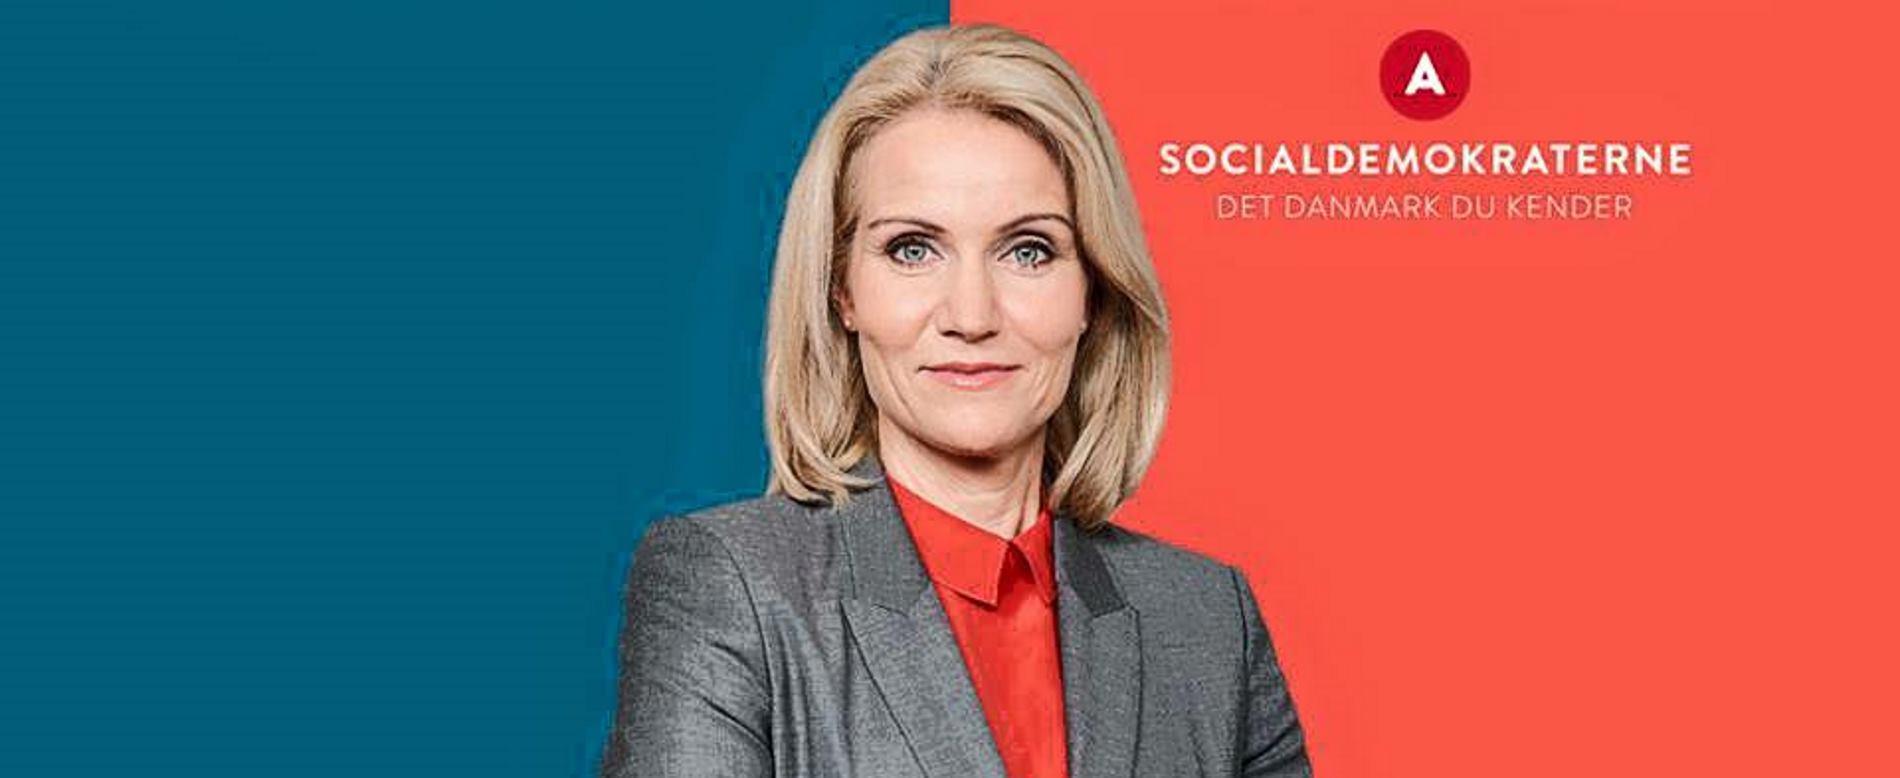 IZBORI U DANSKOJ Pobijedio Desni oporbeni blok, premijerka Helle Thorning-Schmidt priznala poraz